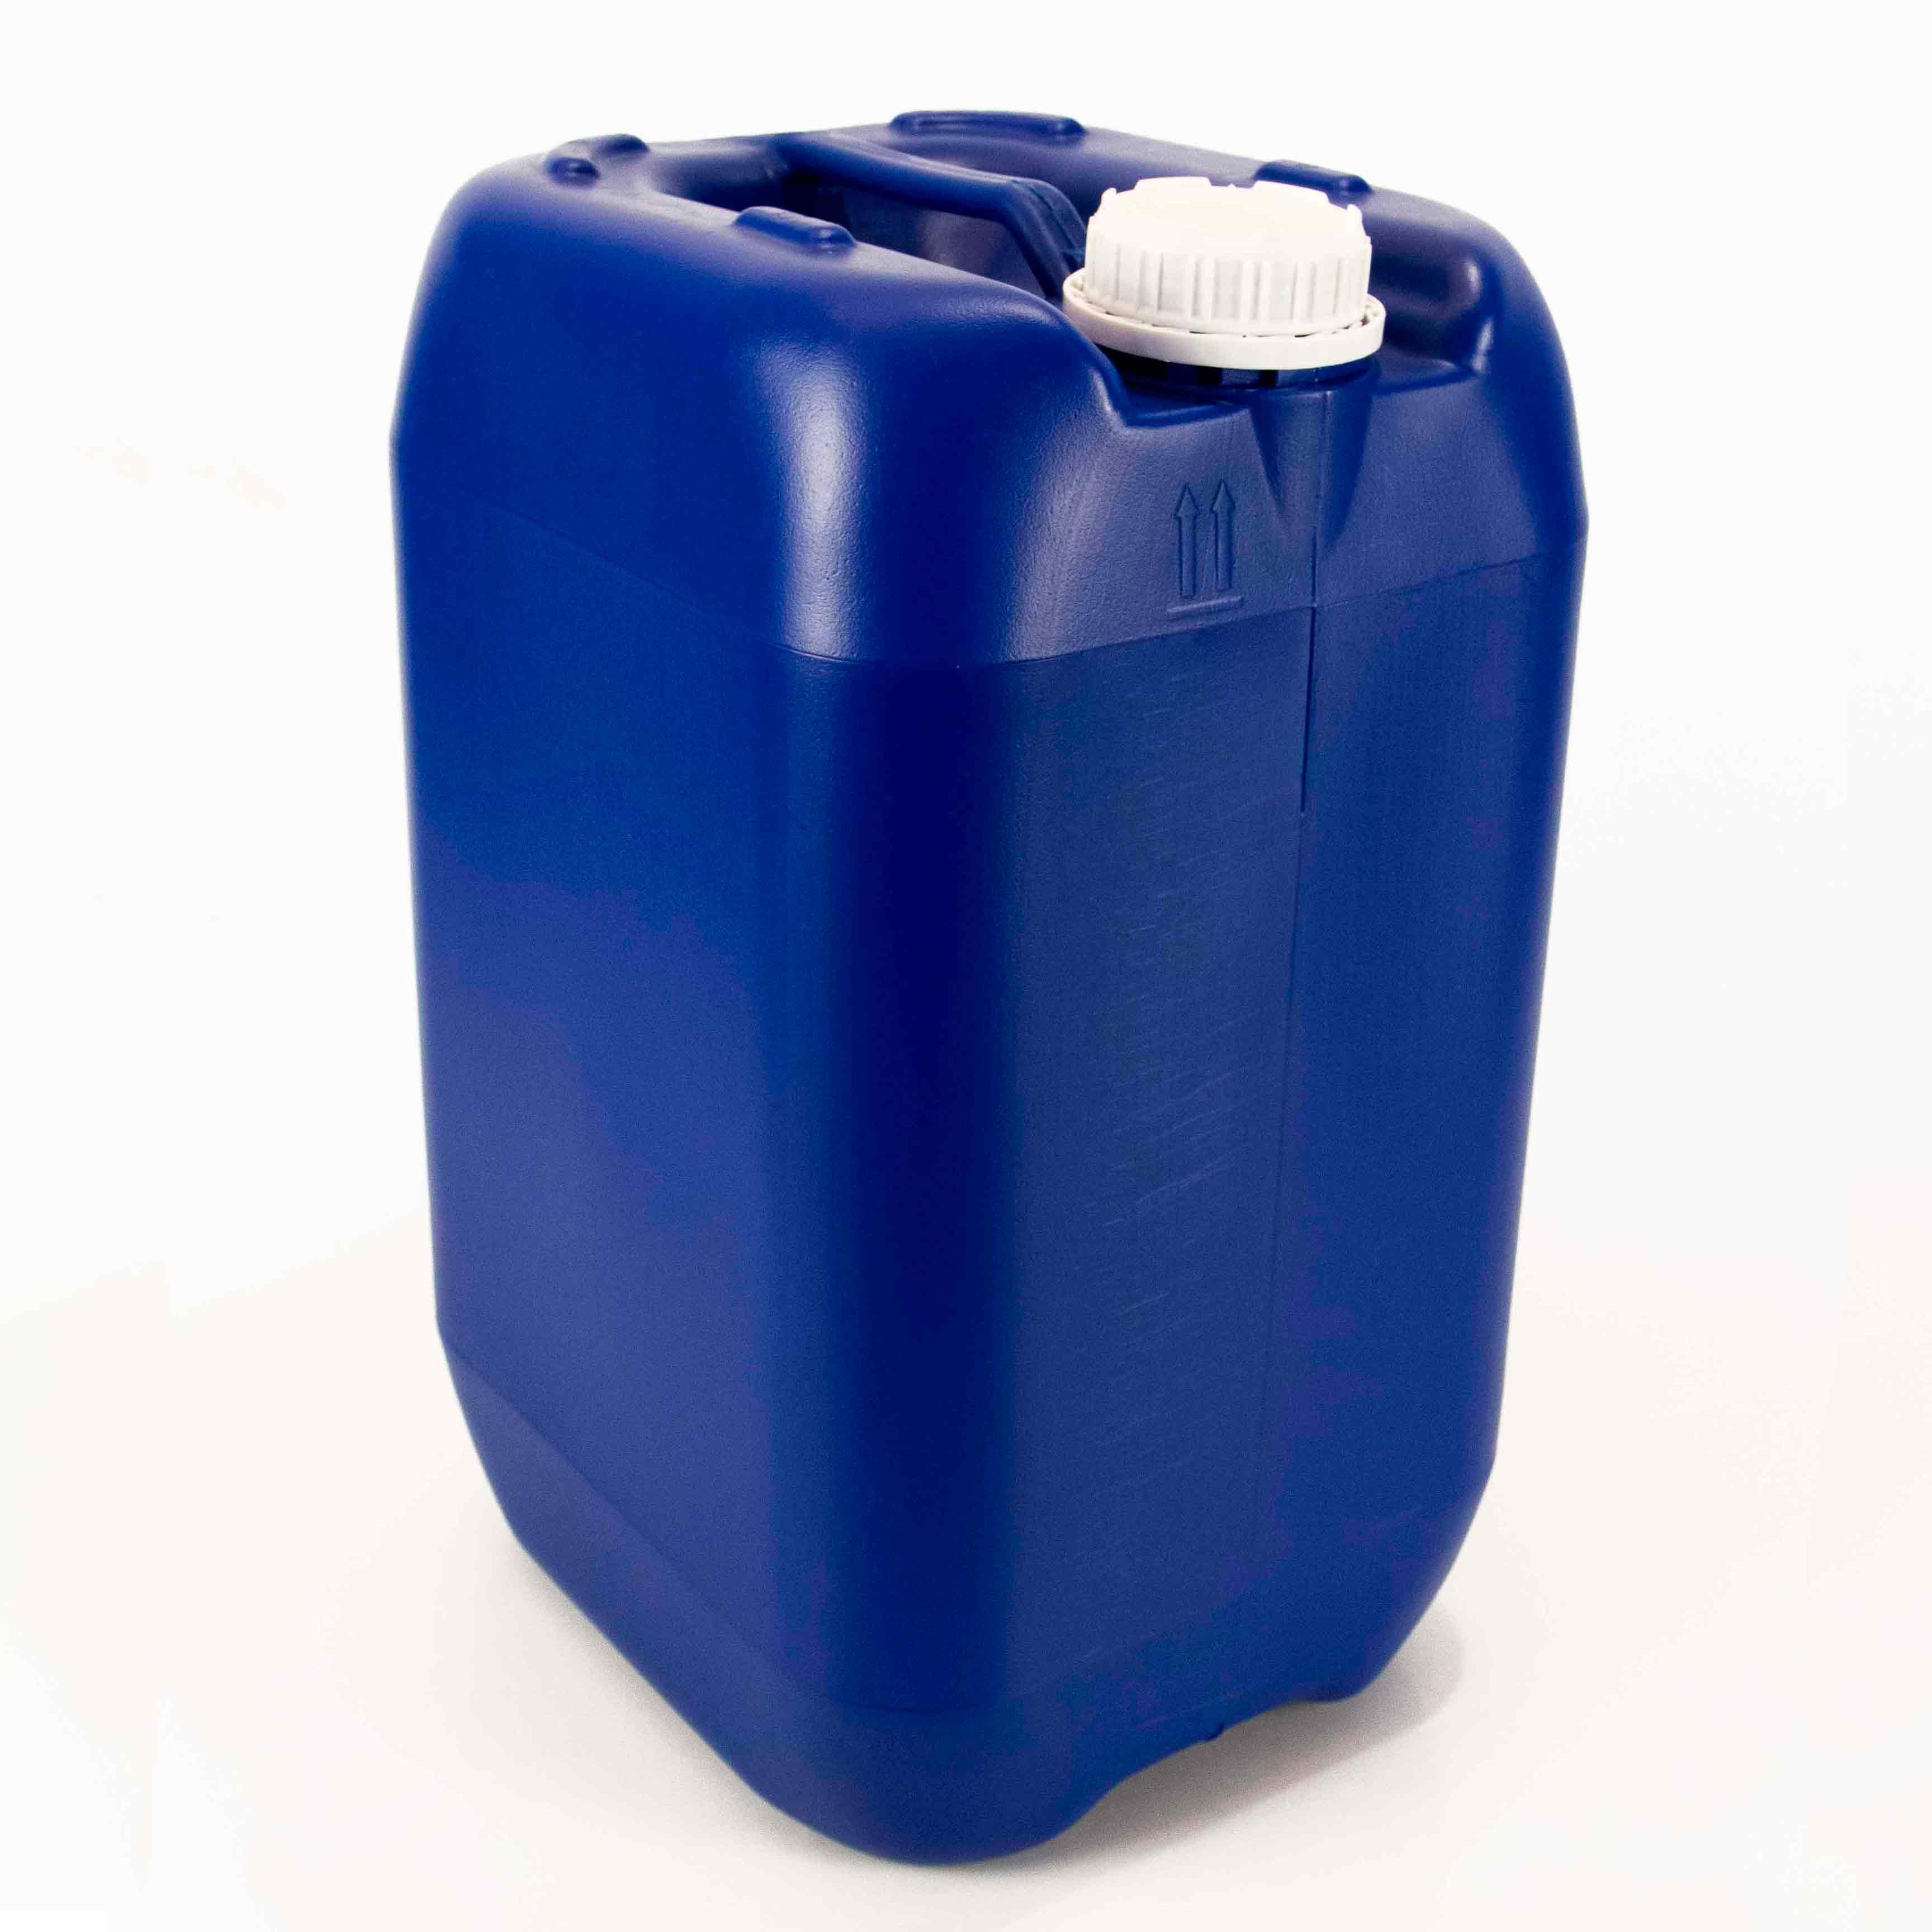 Bombona 25 litros virgem